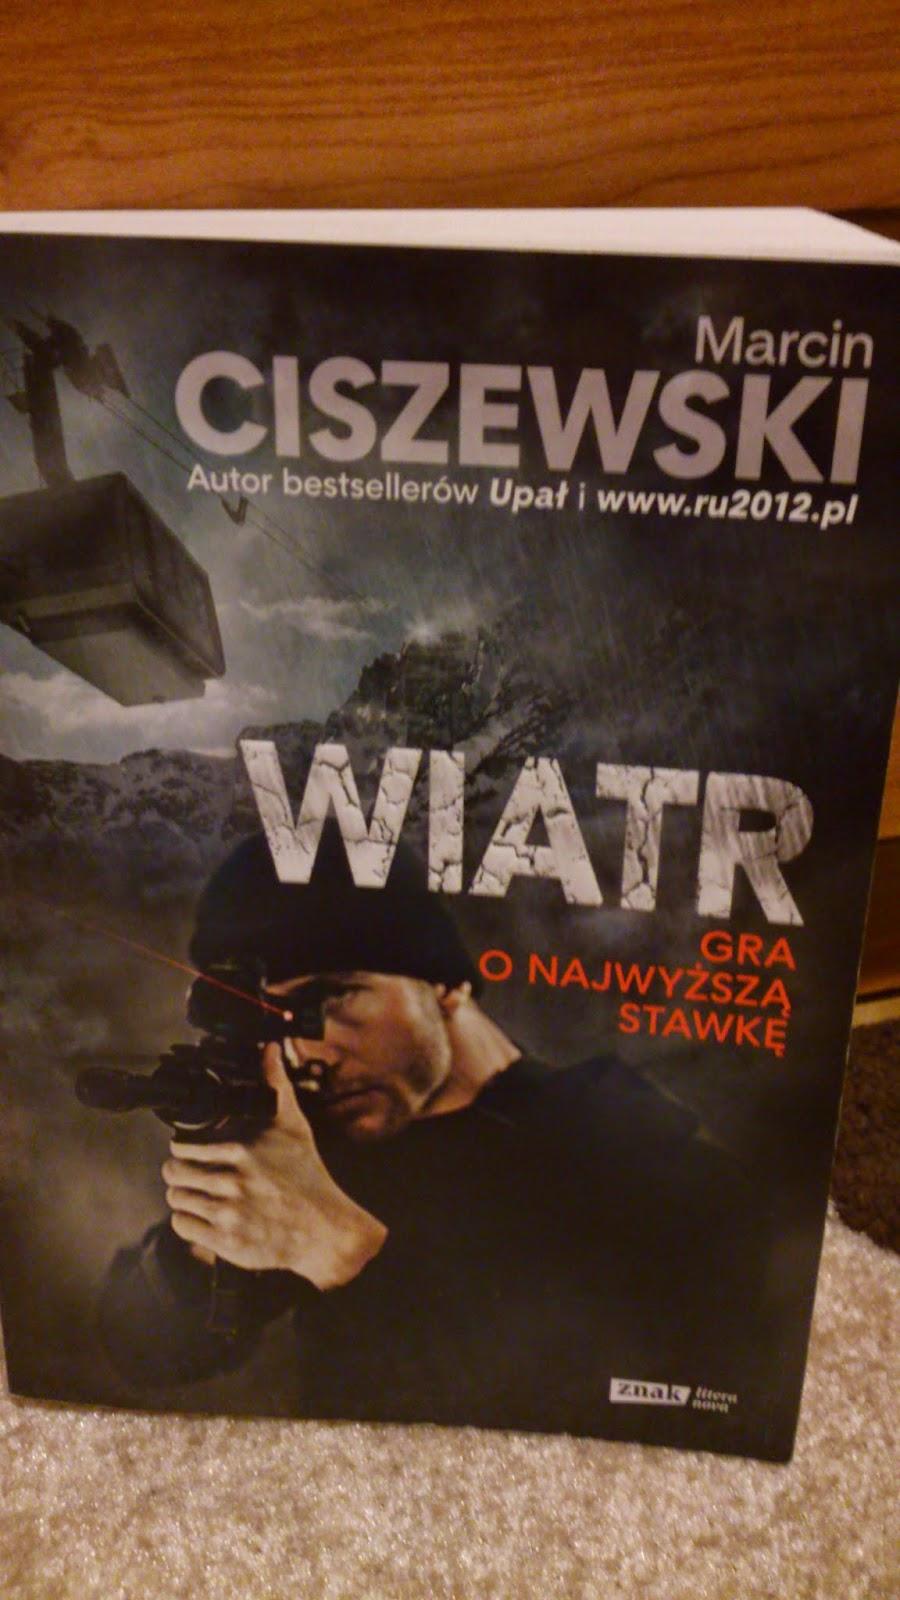 Recenzja SPOILerowa: Wiatr, M. Ciszewski